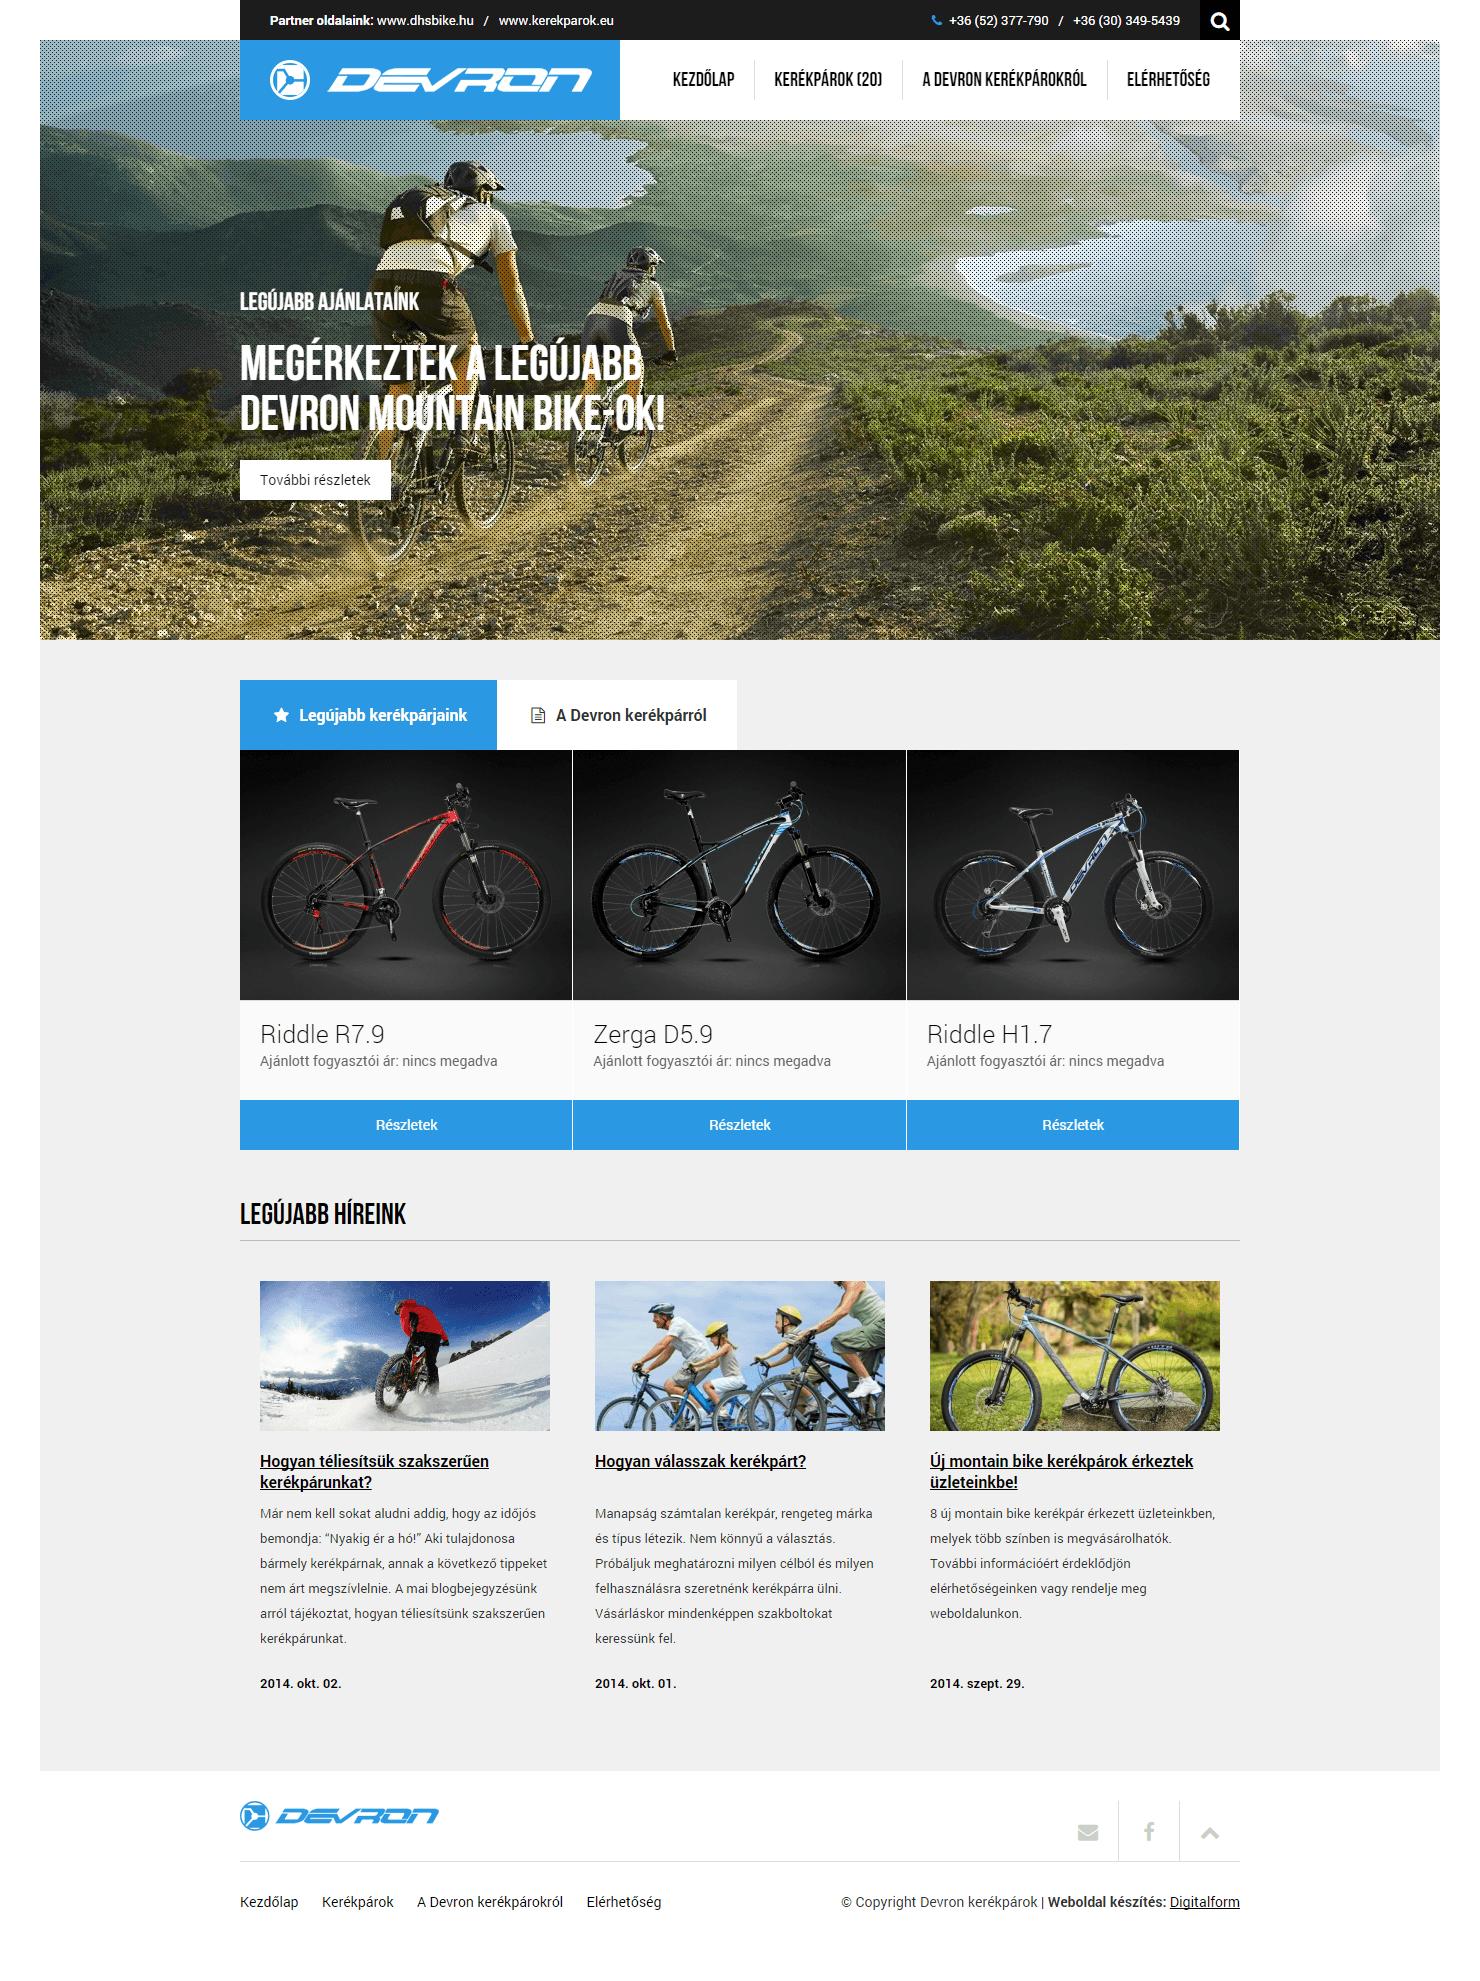 Devron kerékpárok